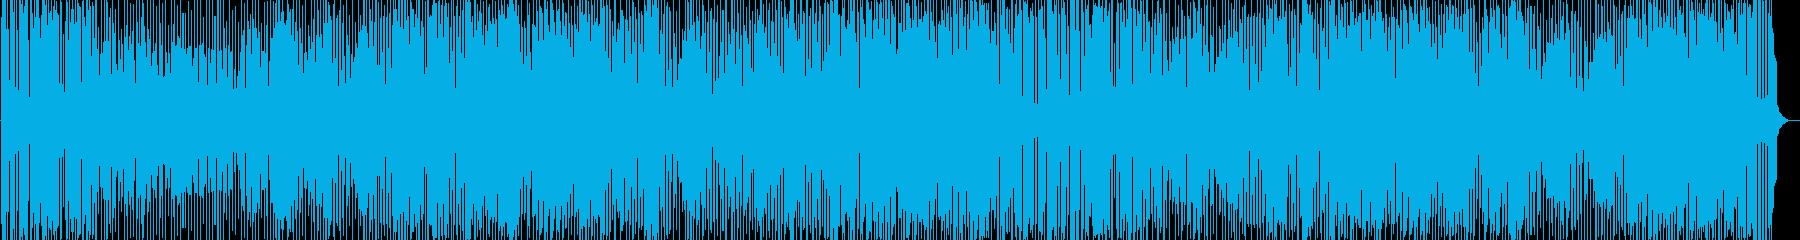 明るく元気の出る愉快なBGMの再生済みの波形